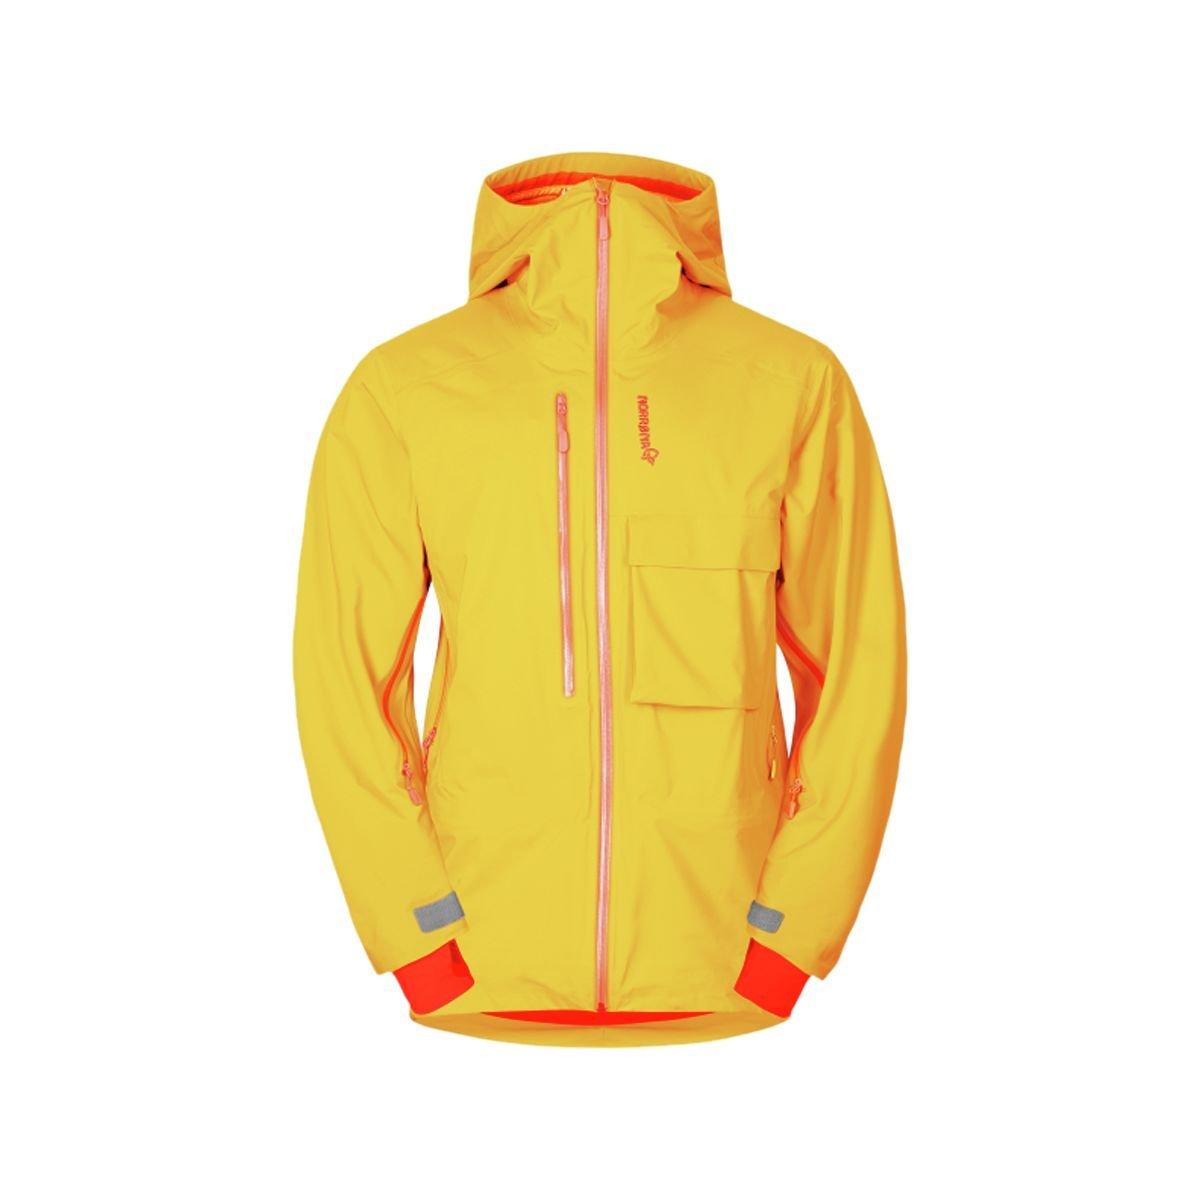 NORRONA(ノローナ) Lyngen Driflex3 Jacket Men's 3200-15 B014T2KB9E M Yellow Saffron Yellow Saffron M